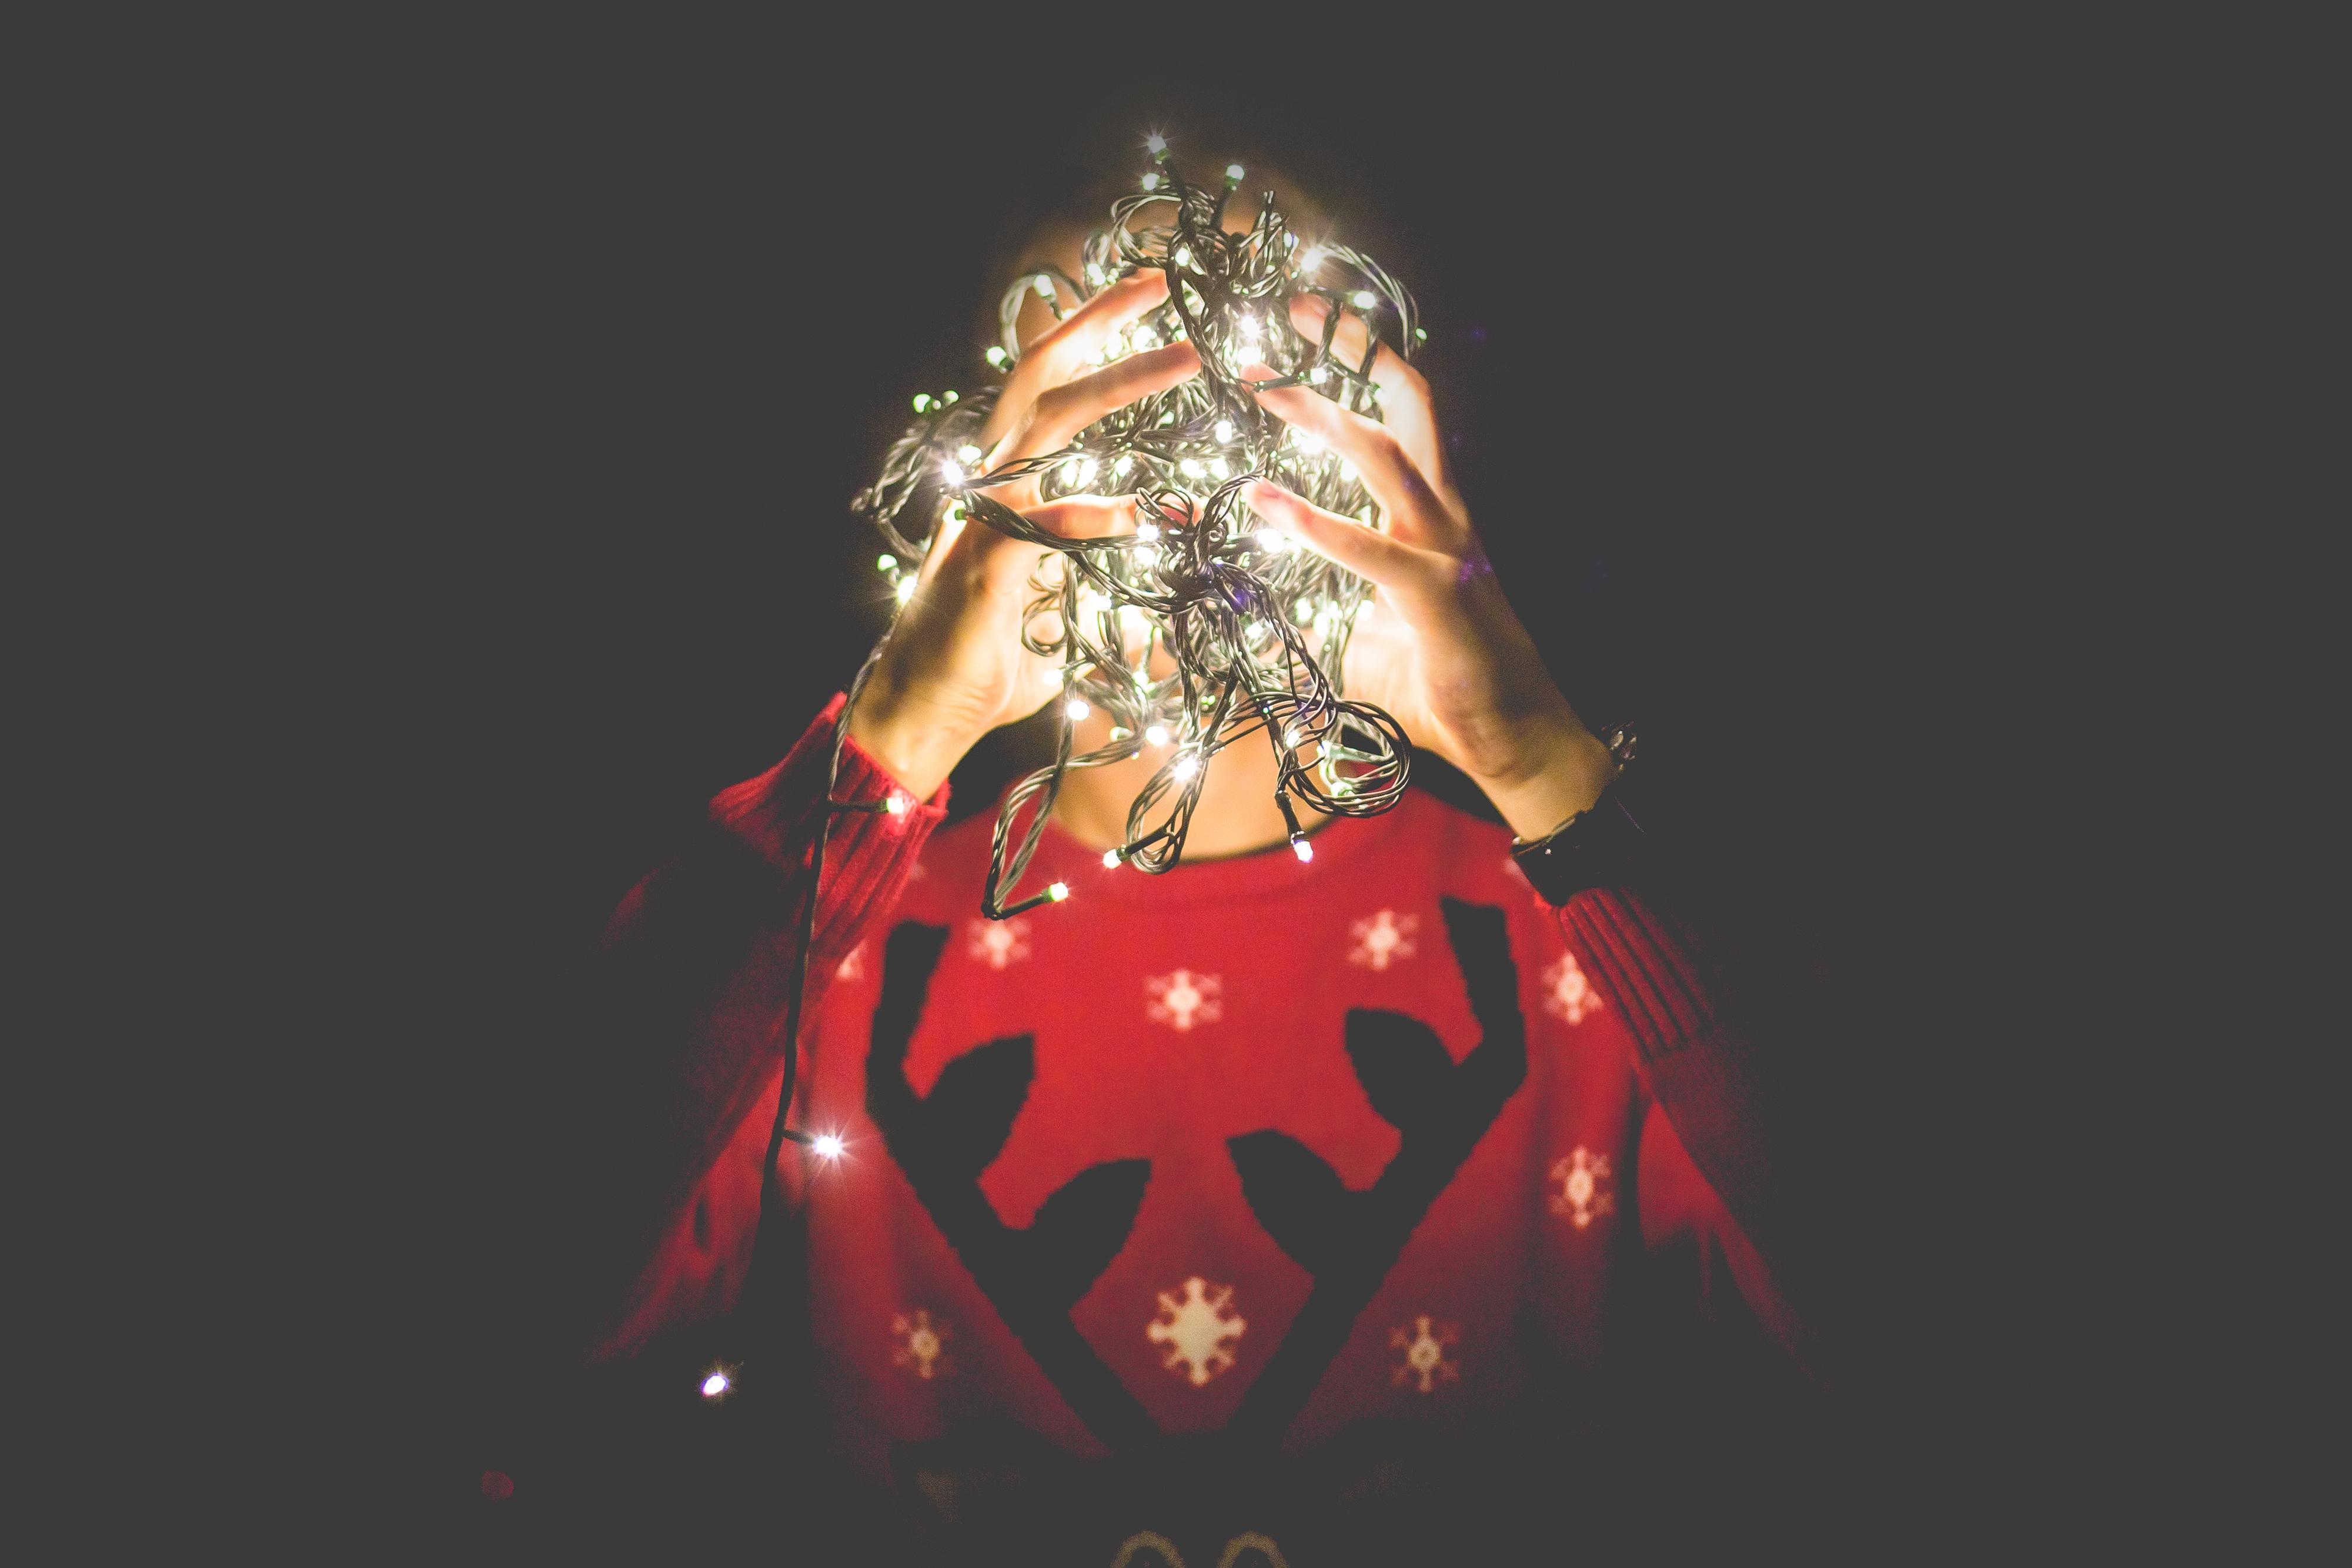 Weihnachten: Zeit + Zeug = Party!